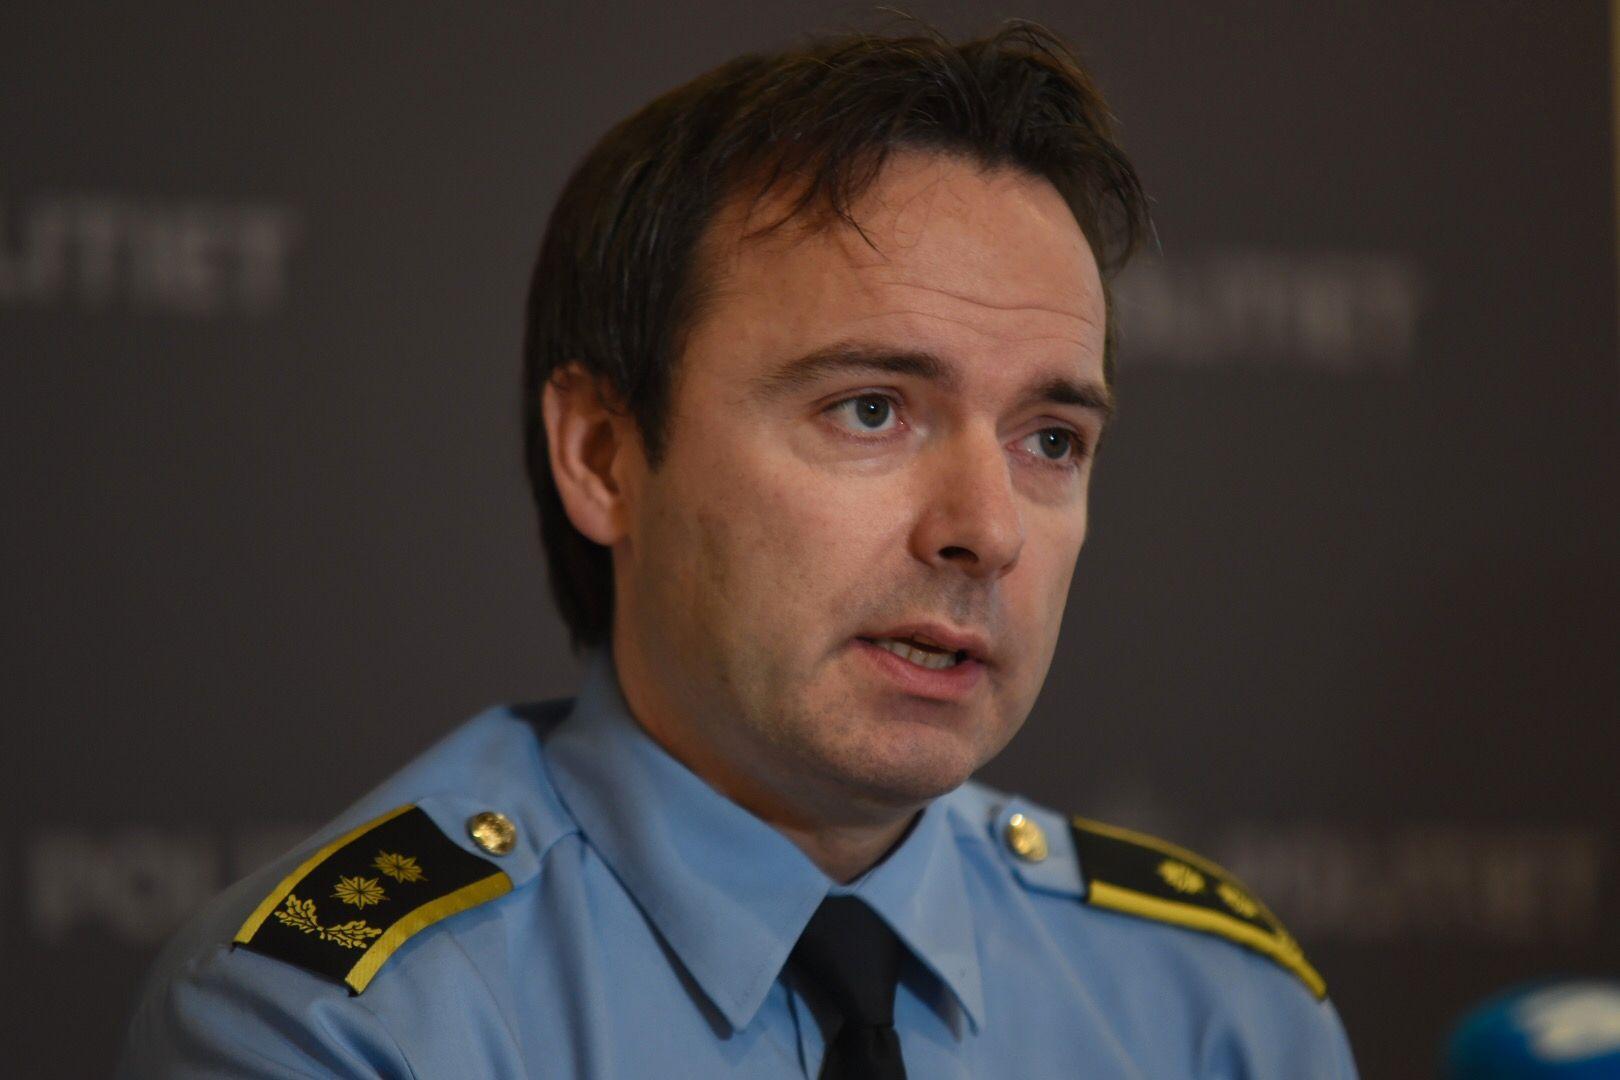 POLITIADVOKAT: Øyvind A. Rengård, her under Nordland politidistrikts pressekonferanse på Hamarøy Hotell tirsdag.